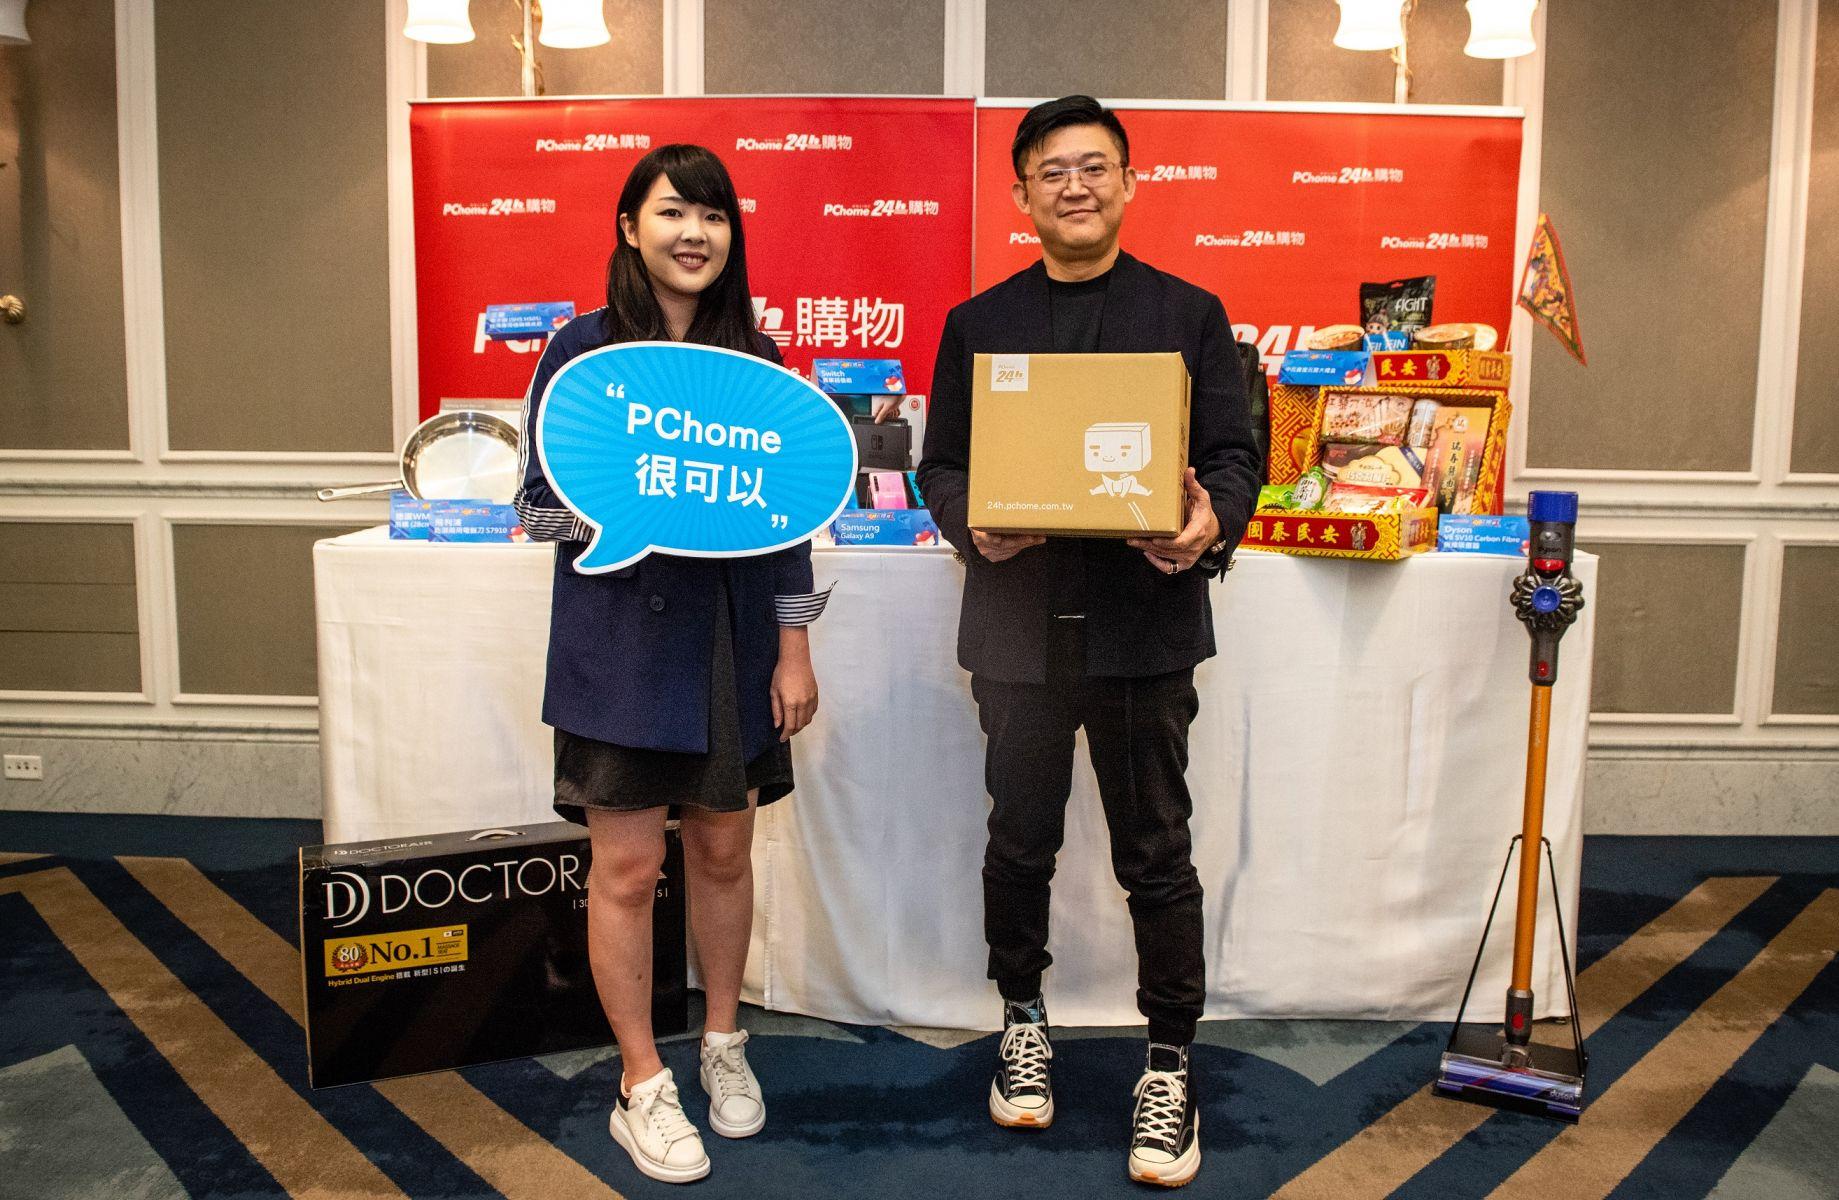 PChome網路家庭8月心禮節茶敘由蔡凱文執行長和鐘紫瑋副總監出席。圖/PChome提供。